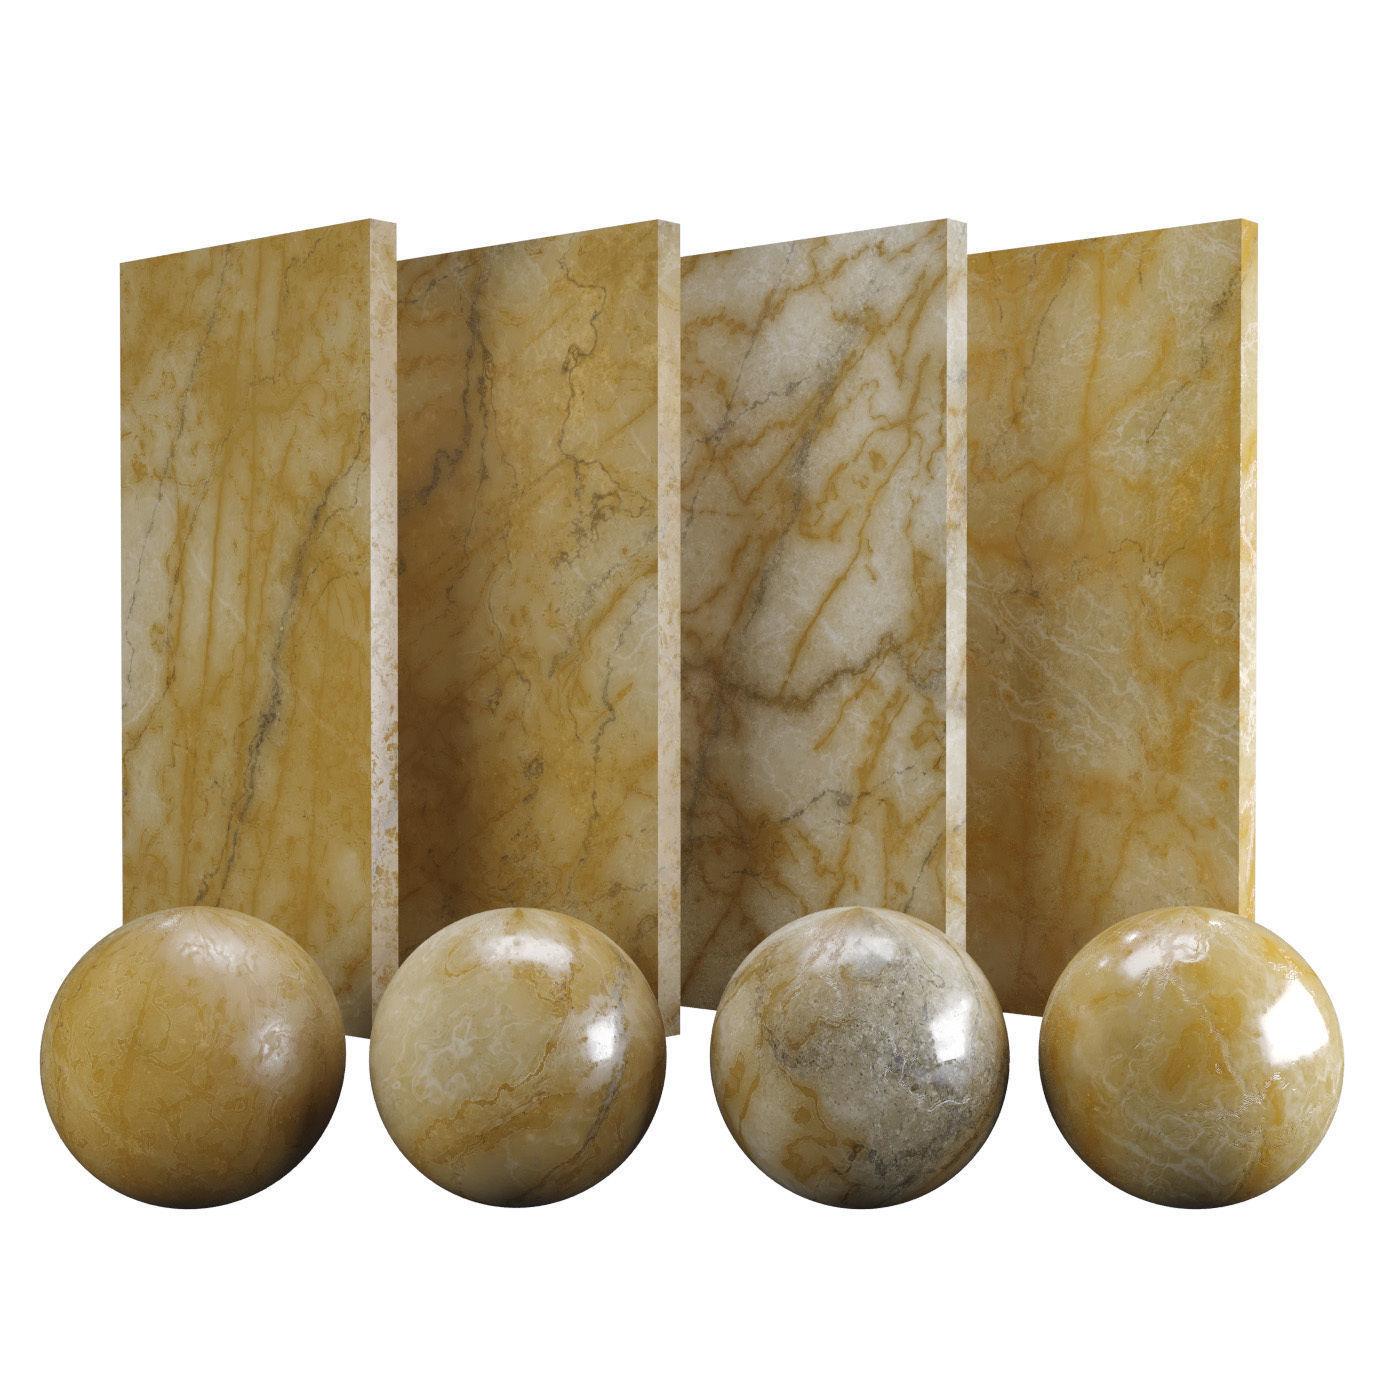 Orange Siena Marble Texture PBR Vray Corona 400 x 400 cm